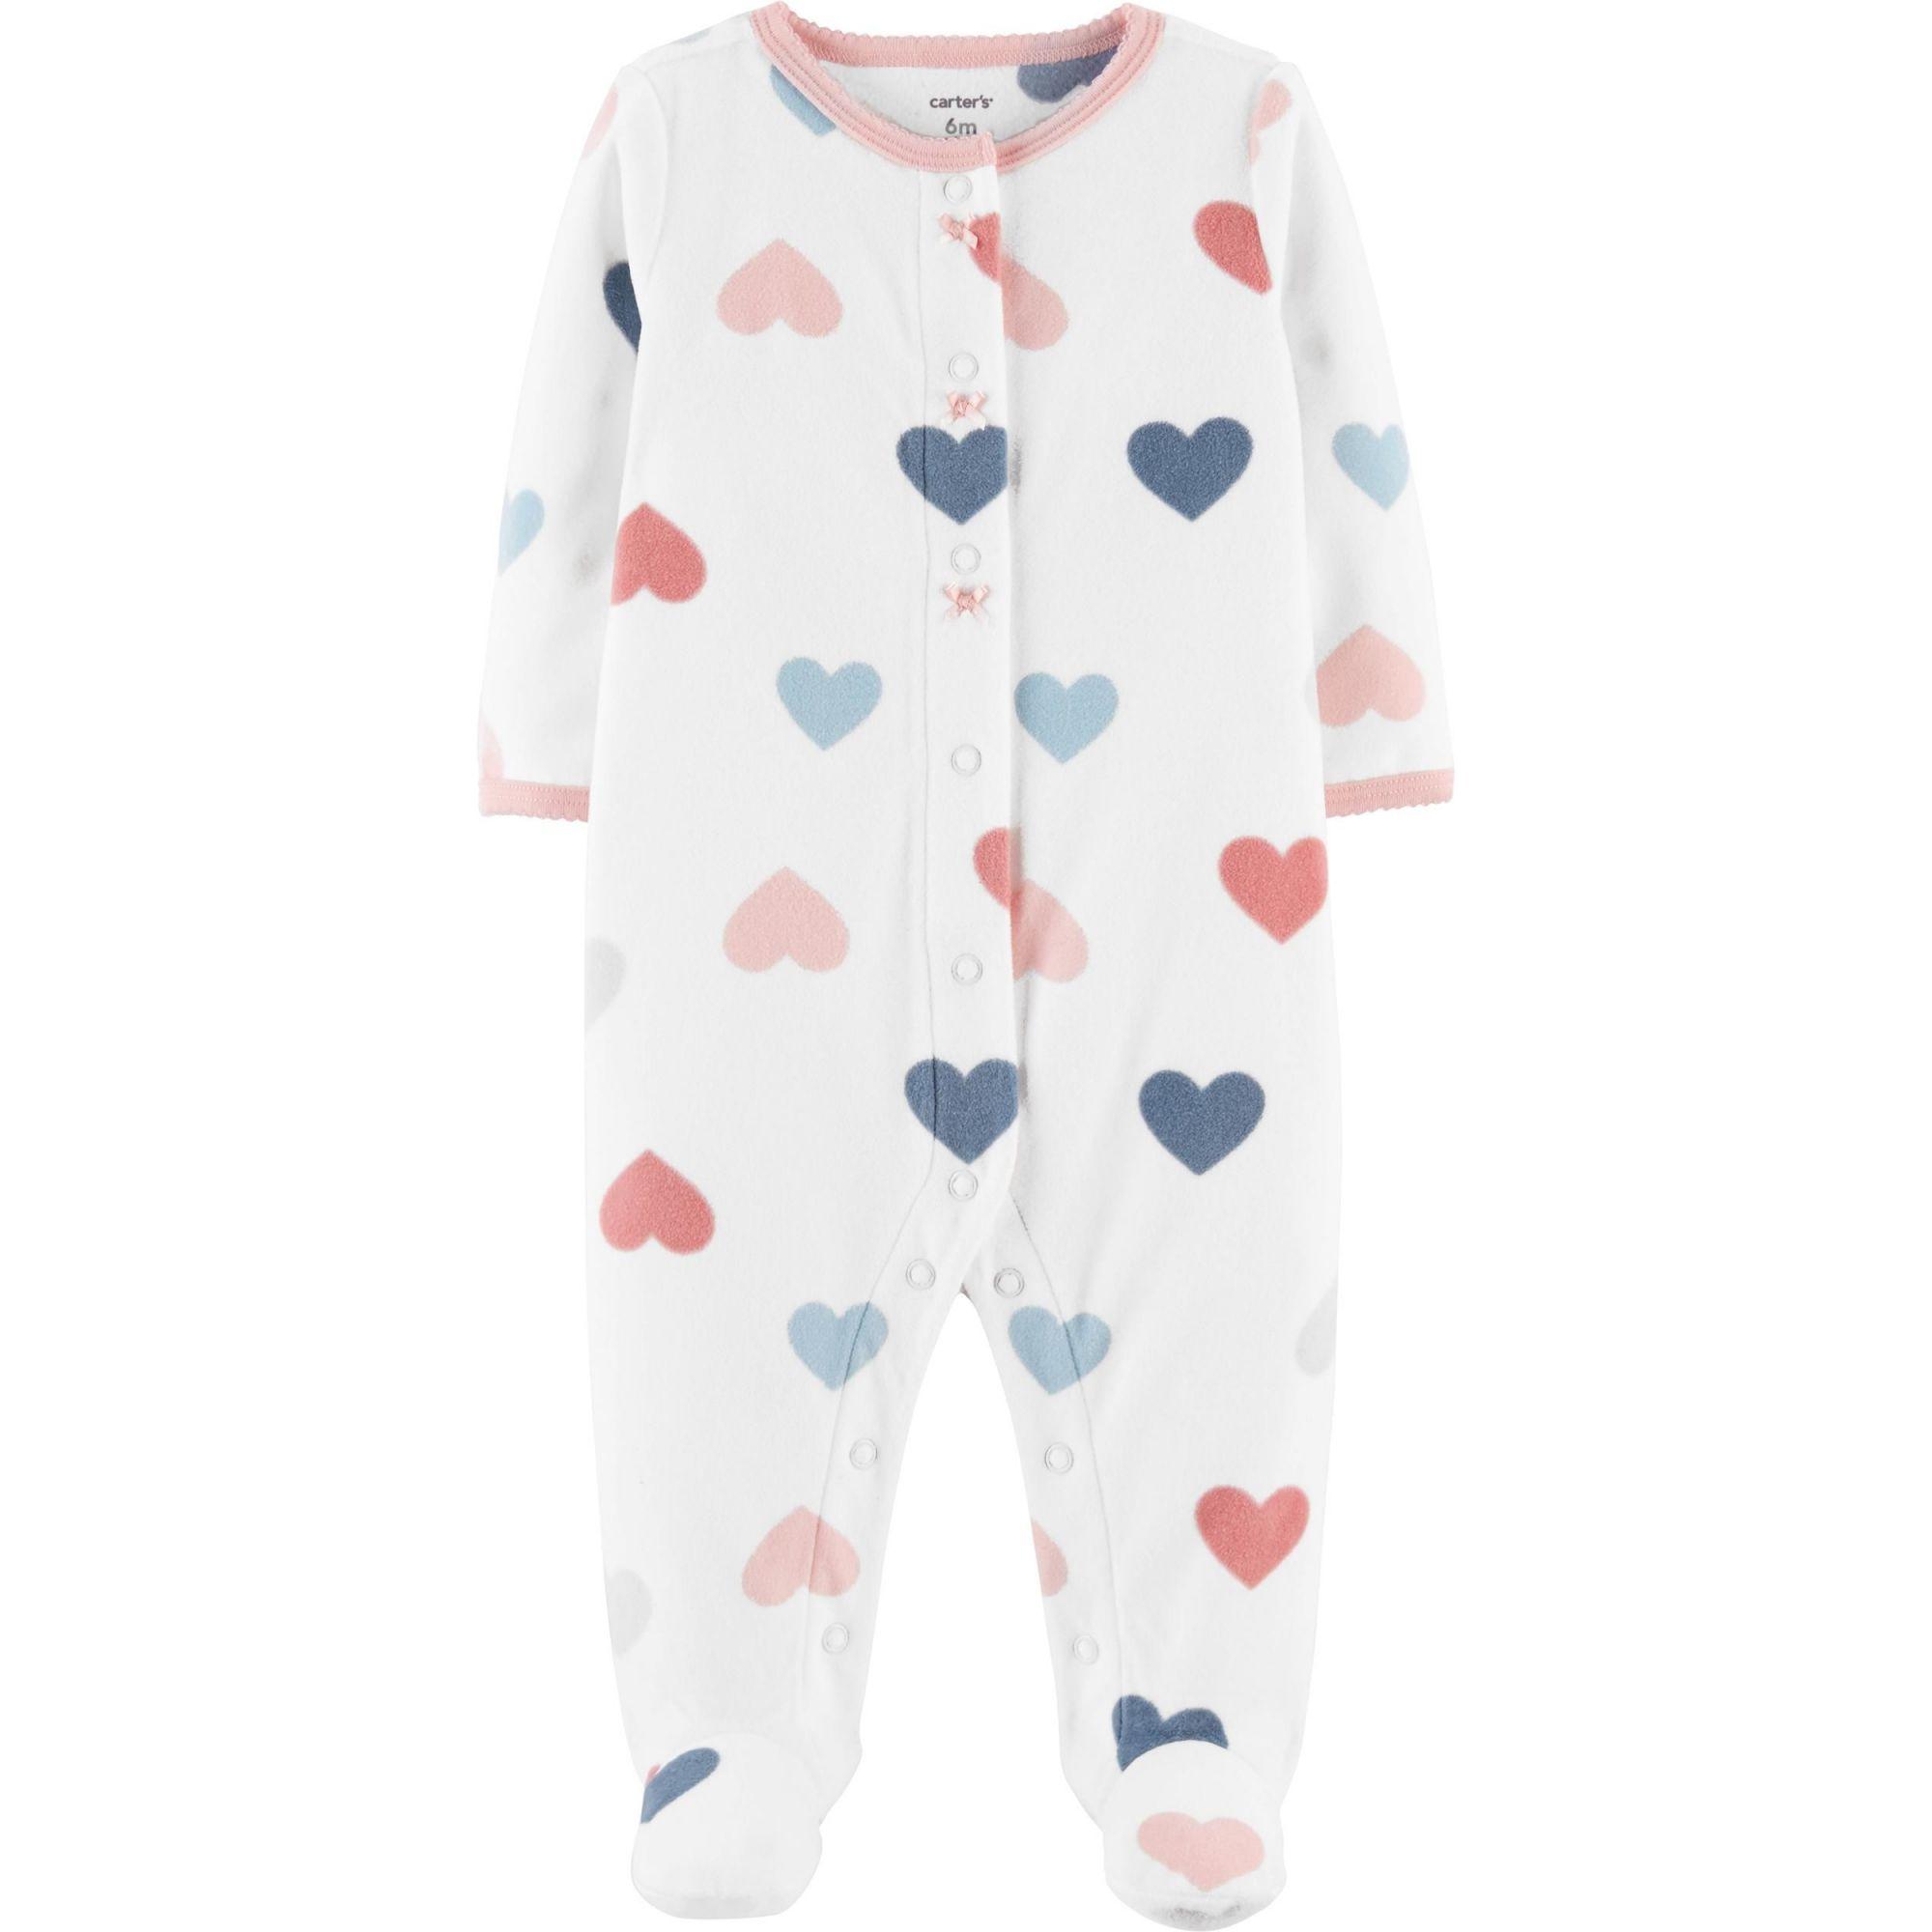 Macacão em Fleece Infantil Carters Corações com Pé